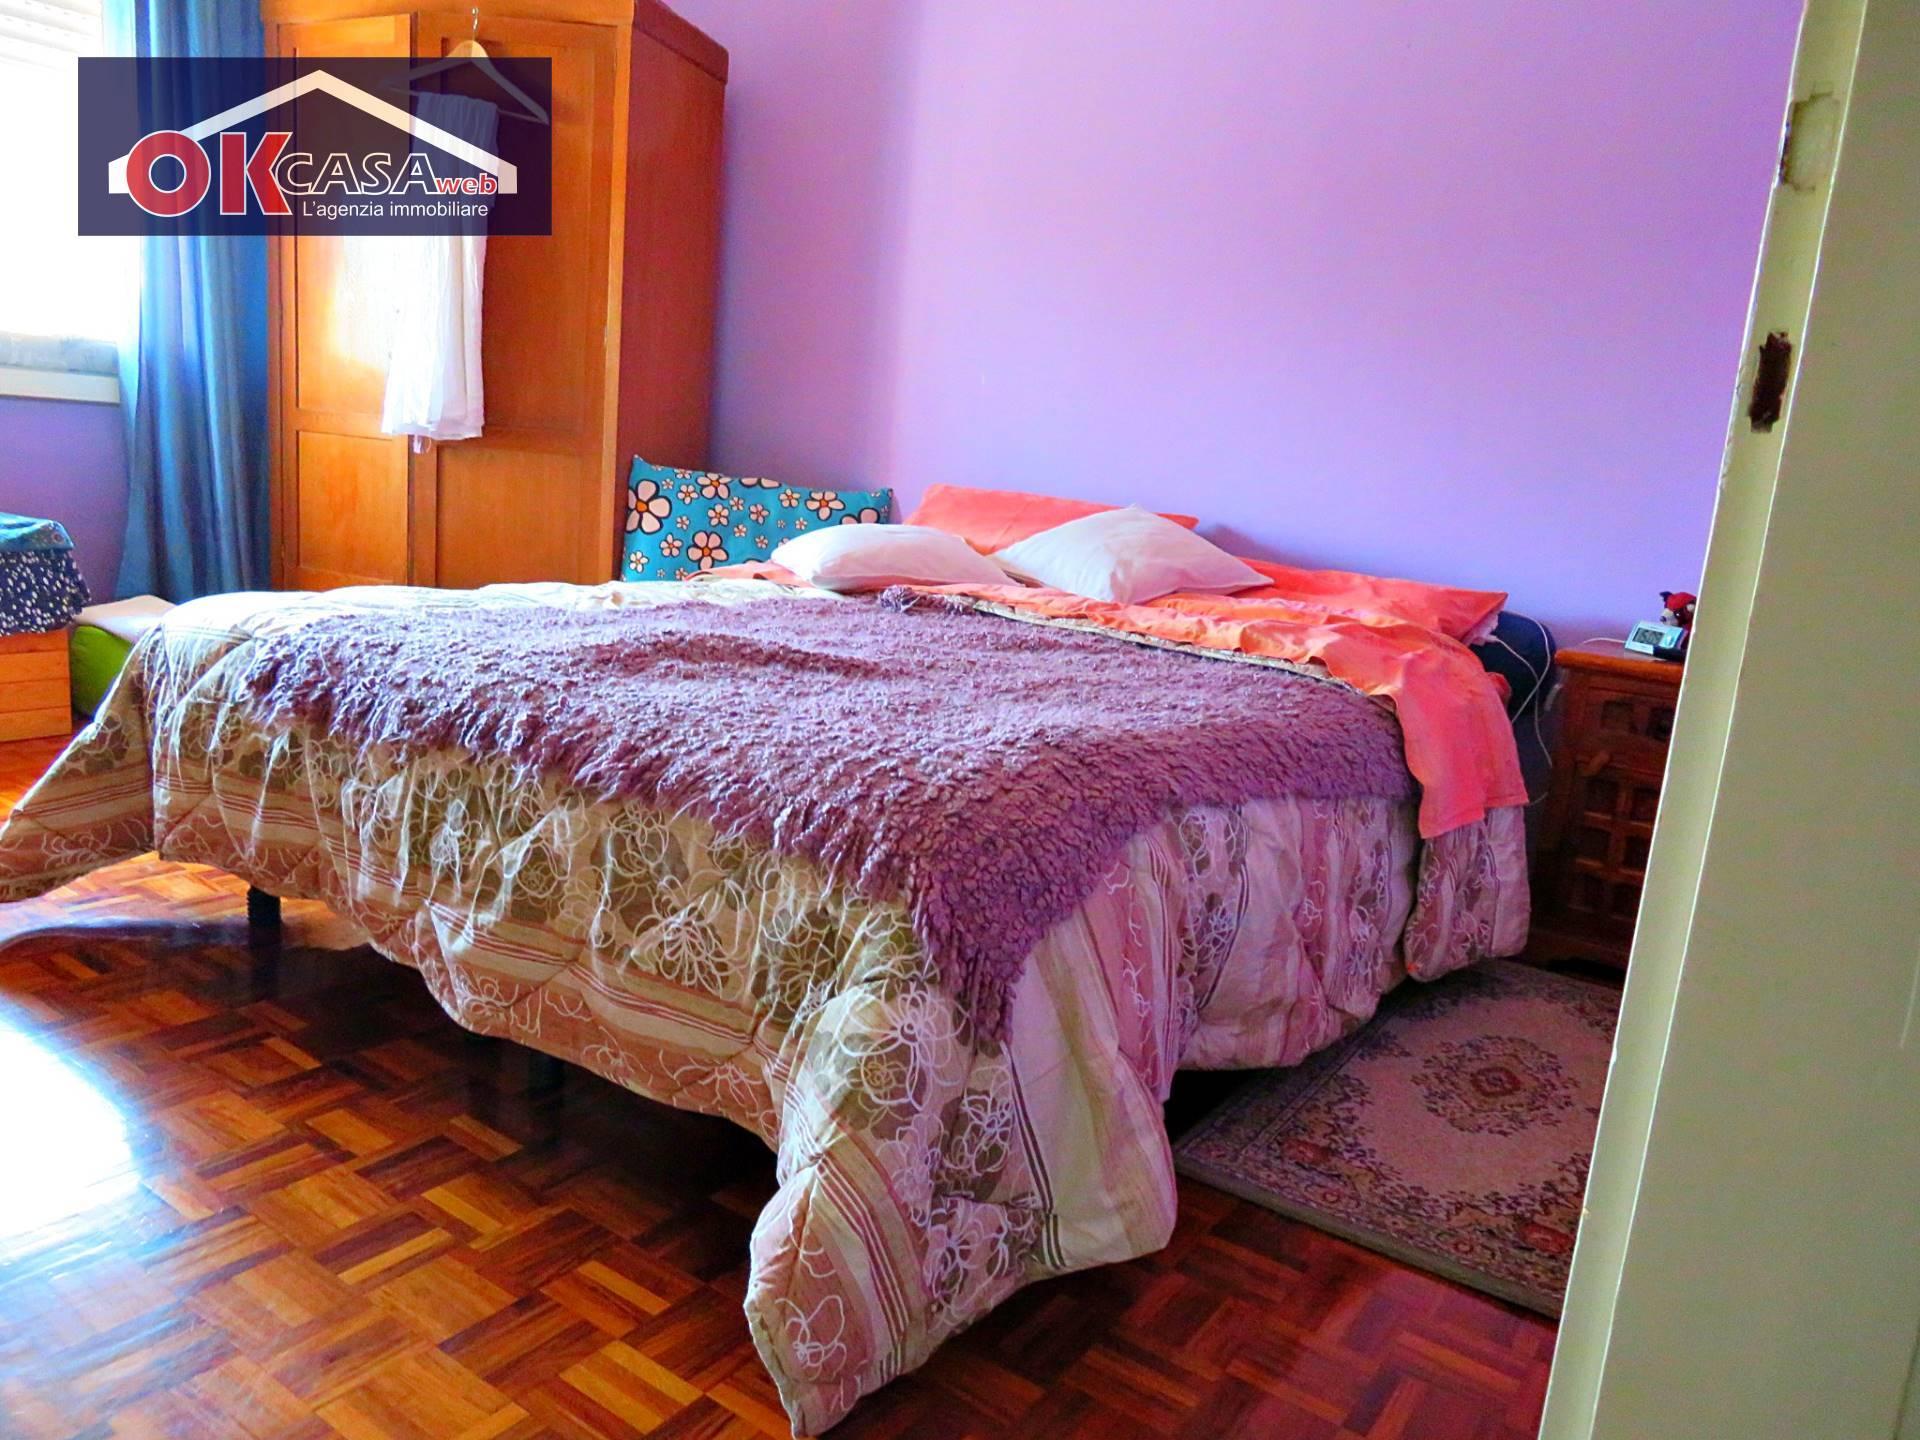 Appartamento | Udine, Fiumicello Villa Vicentina, via nazionale